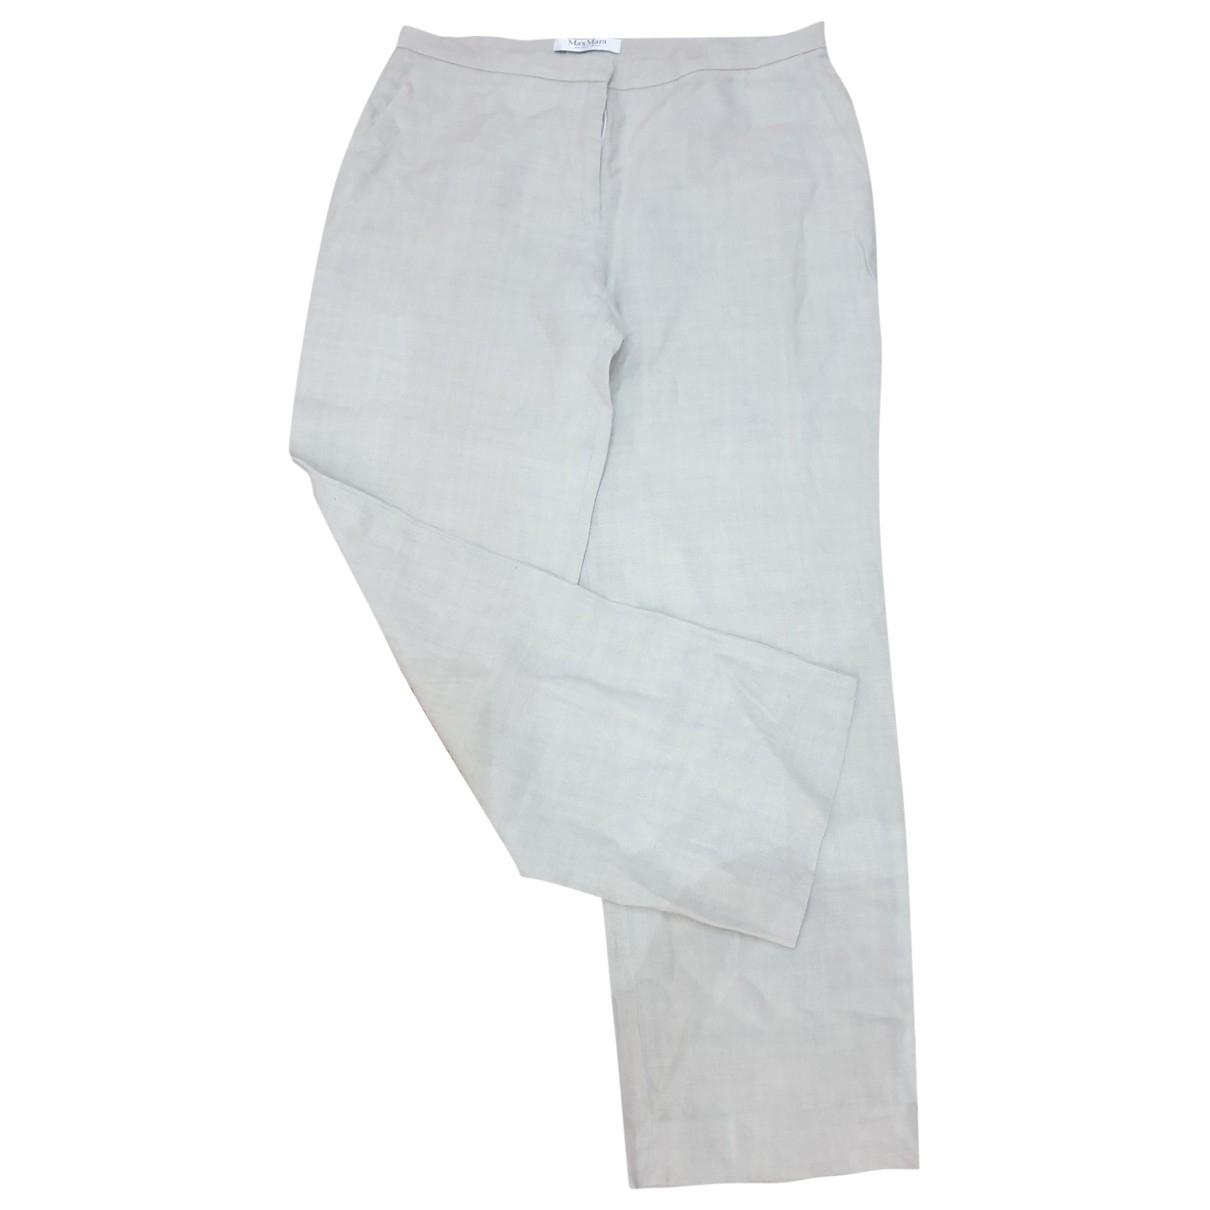 Max Mara \N Beige Linen Trousers for Women 46 IT